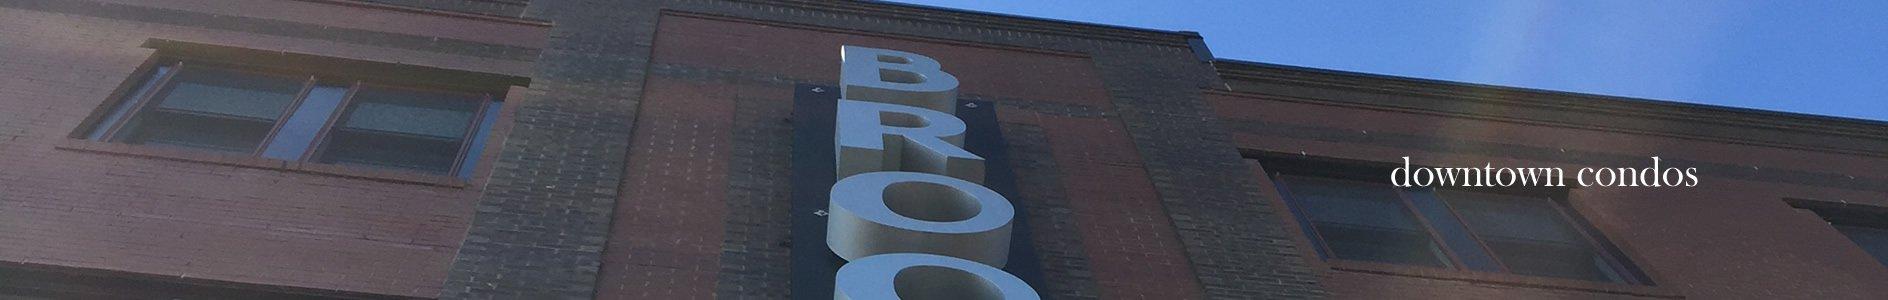 Brooklyn Condo Building in Downtown Wilmington, NC